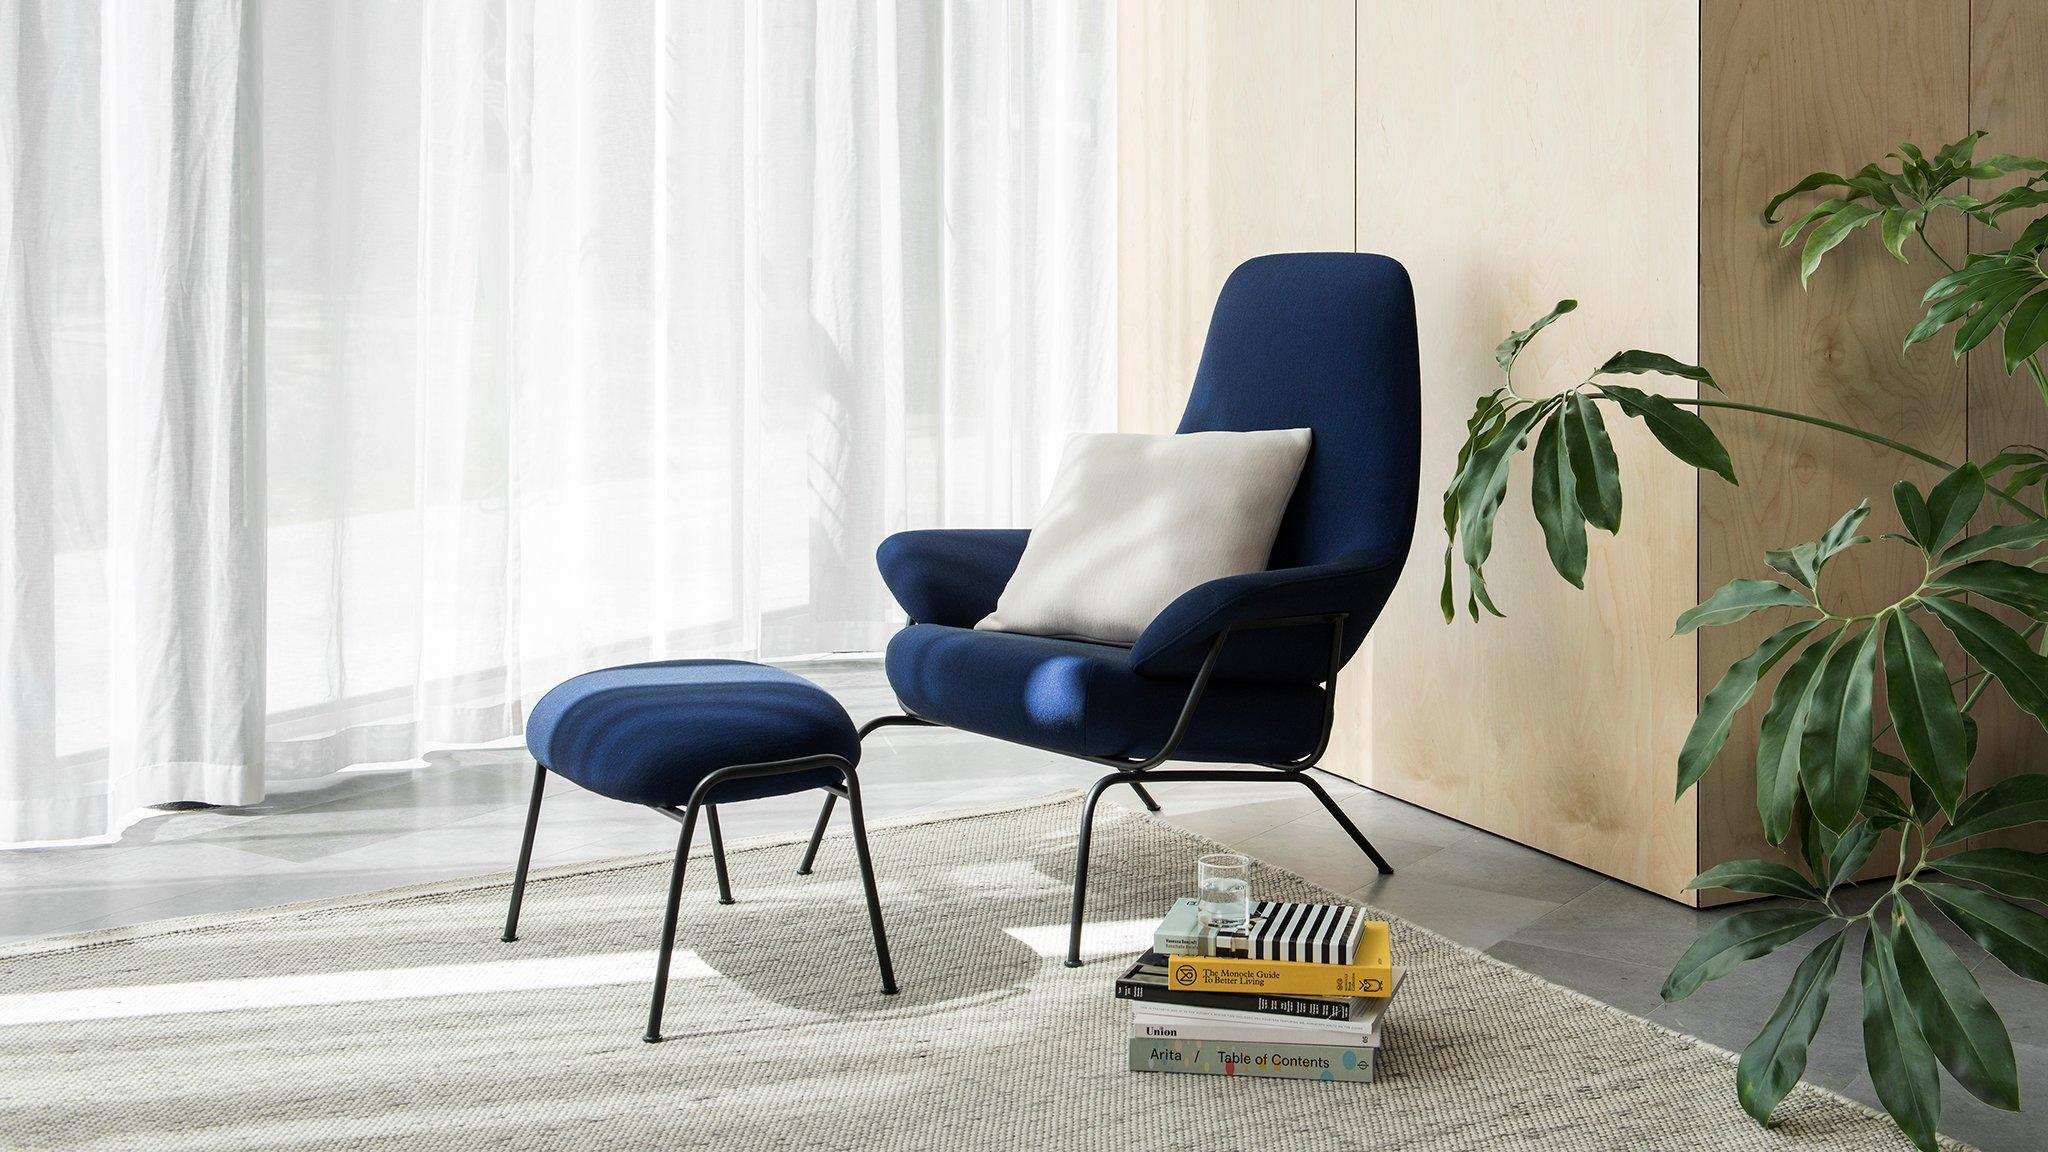 Ultimate Guide for S Design Week 2019 - Hem Design Studio - Chair stockholm design week Ultimate Guide for Stockholm Design Week 2019 Ultimate Guide for S Design Week 2019 Hem Design Studio Chair